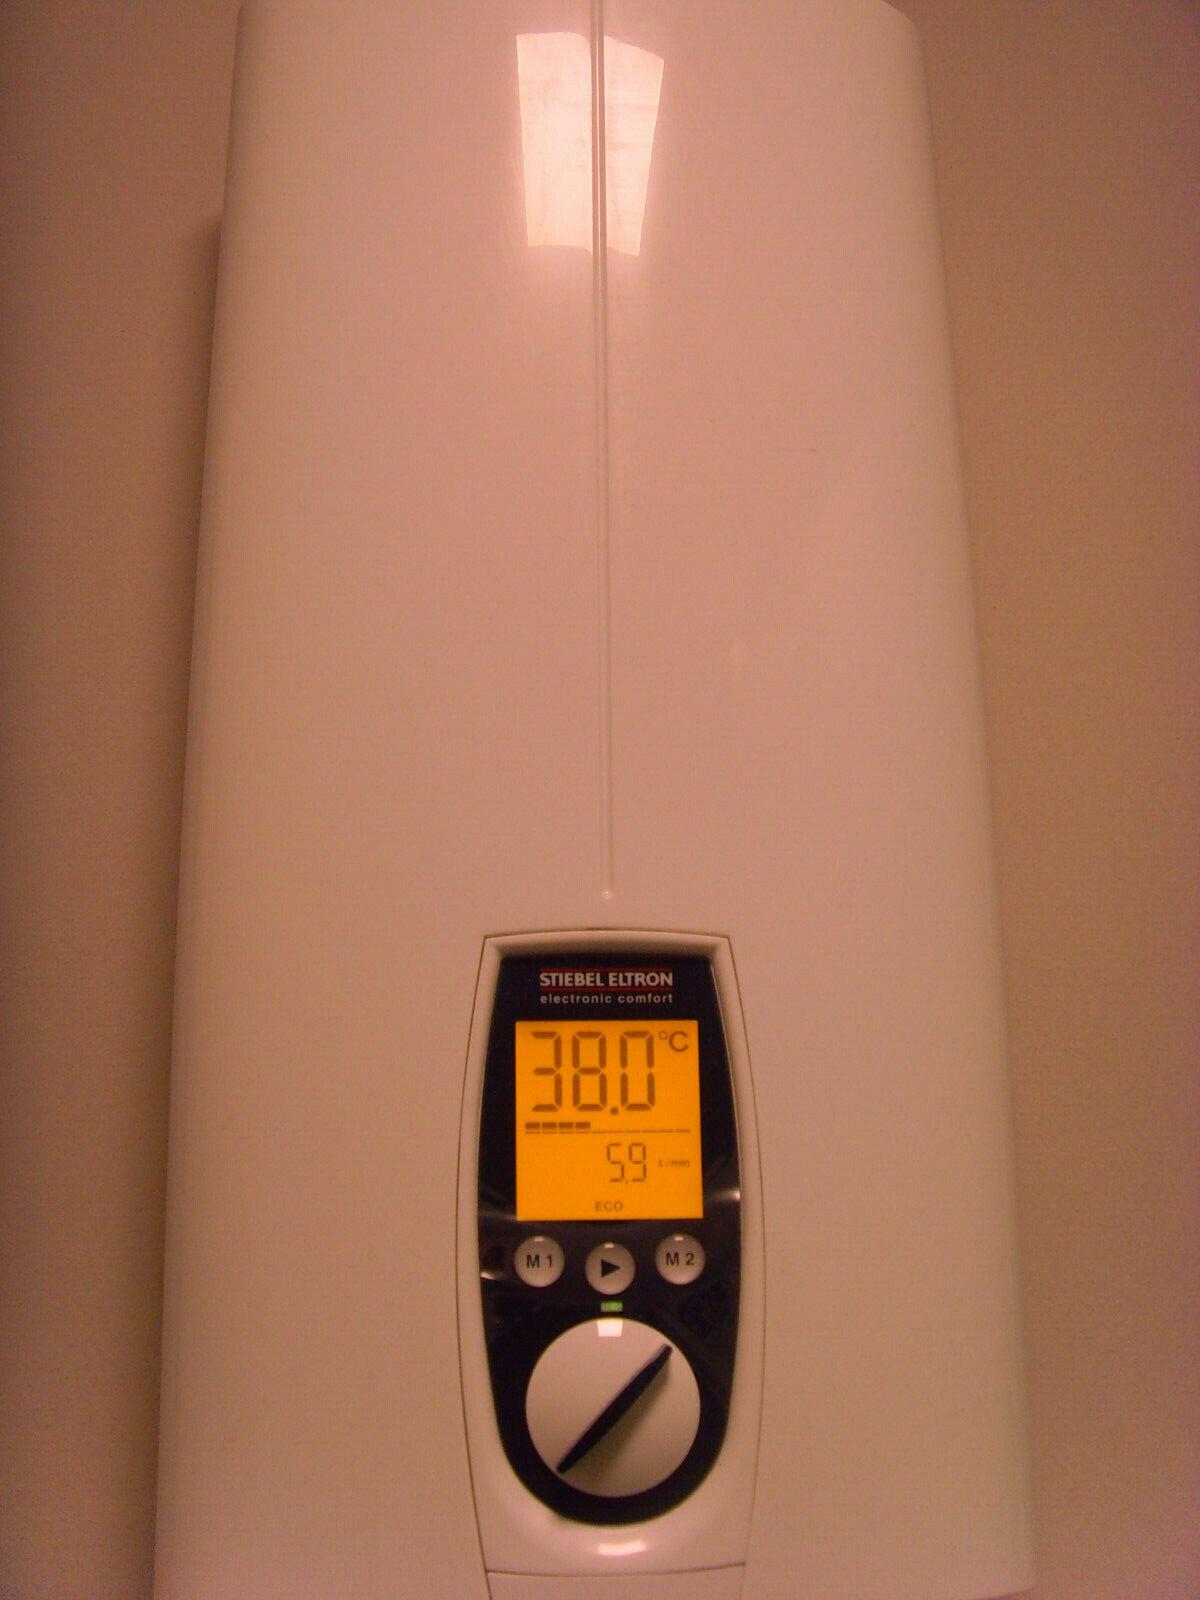 227490 umschaltbar vollelektronisch geregelter Durchlauferhitzer STIEBEL ELTRON DHE 18//21//24 SL